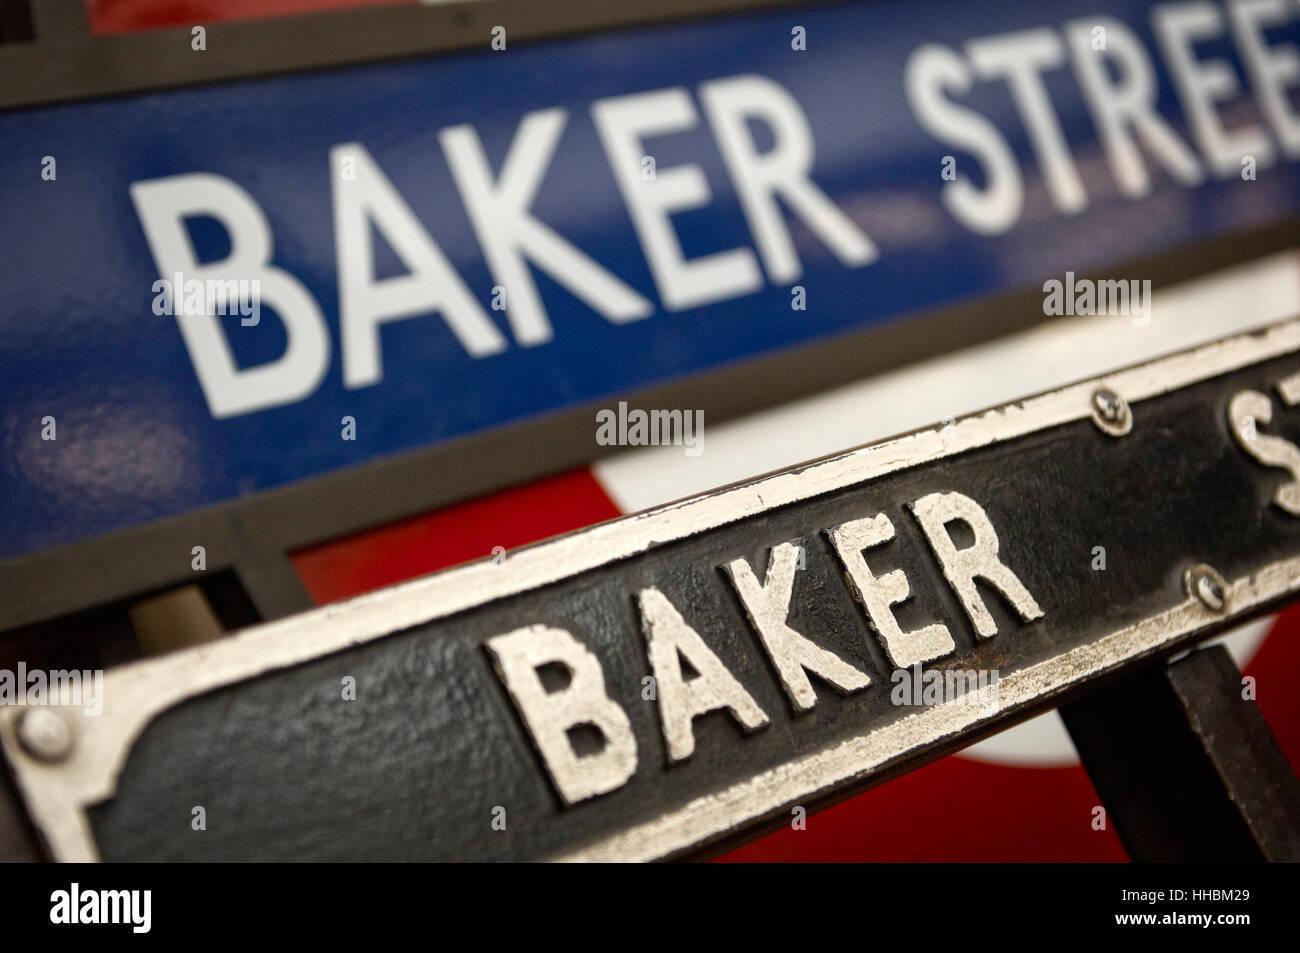 station, metro, europe, london, england, tube, baker, sign, underground, seat, - Stock Image